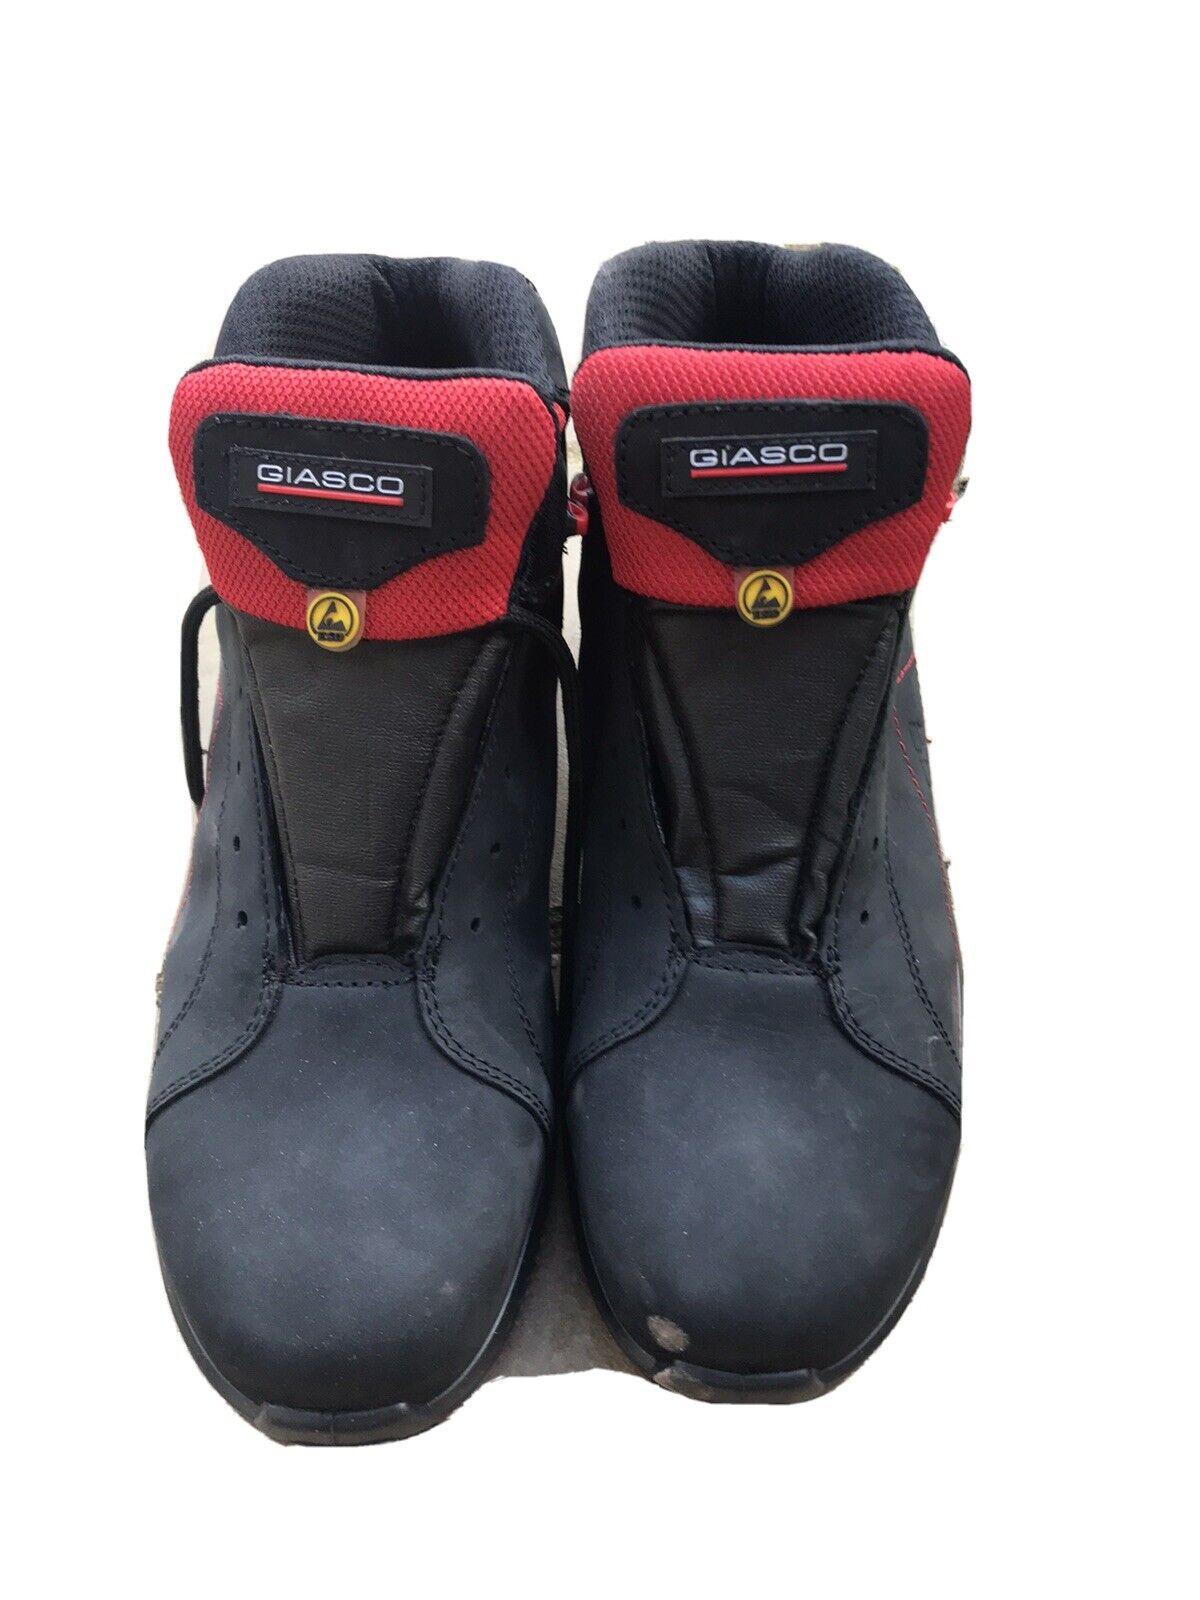 giasco safety shoes